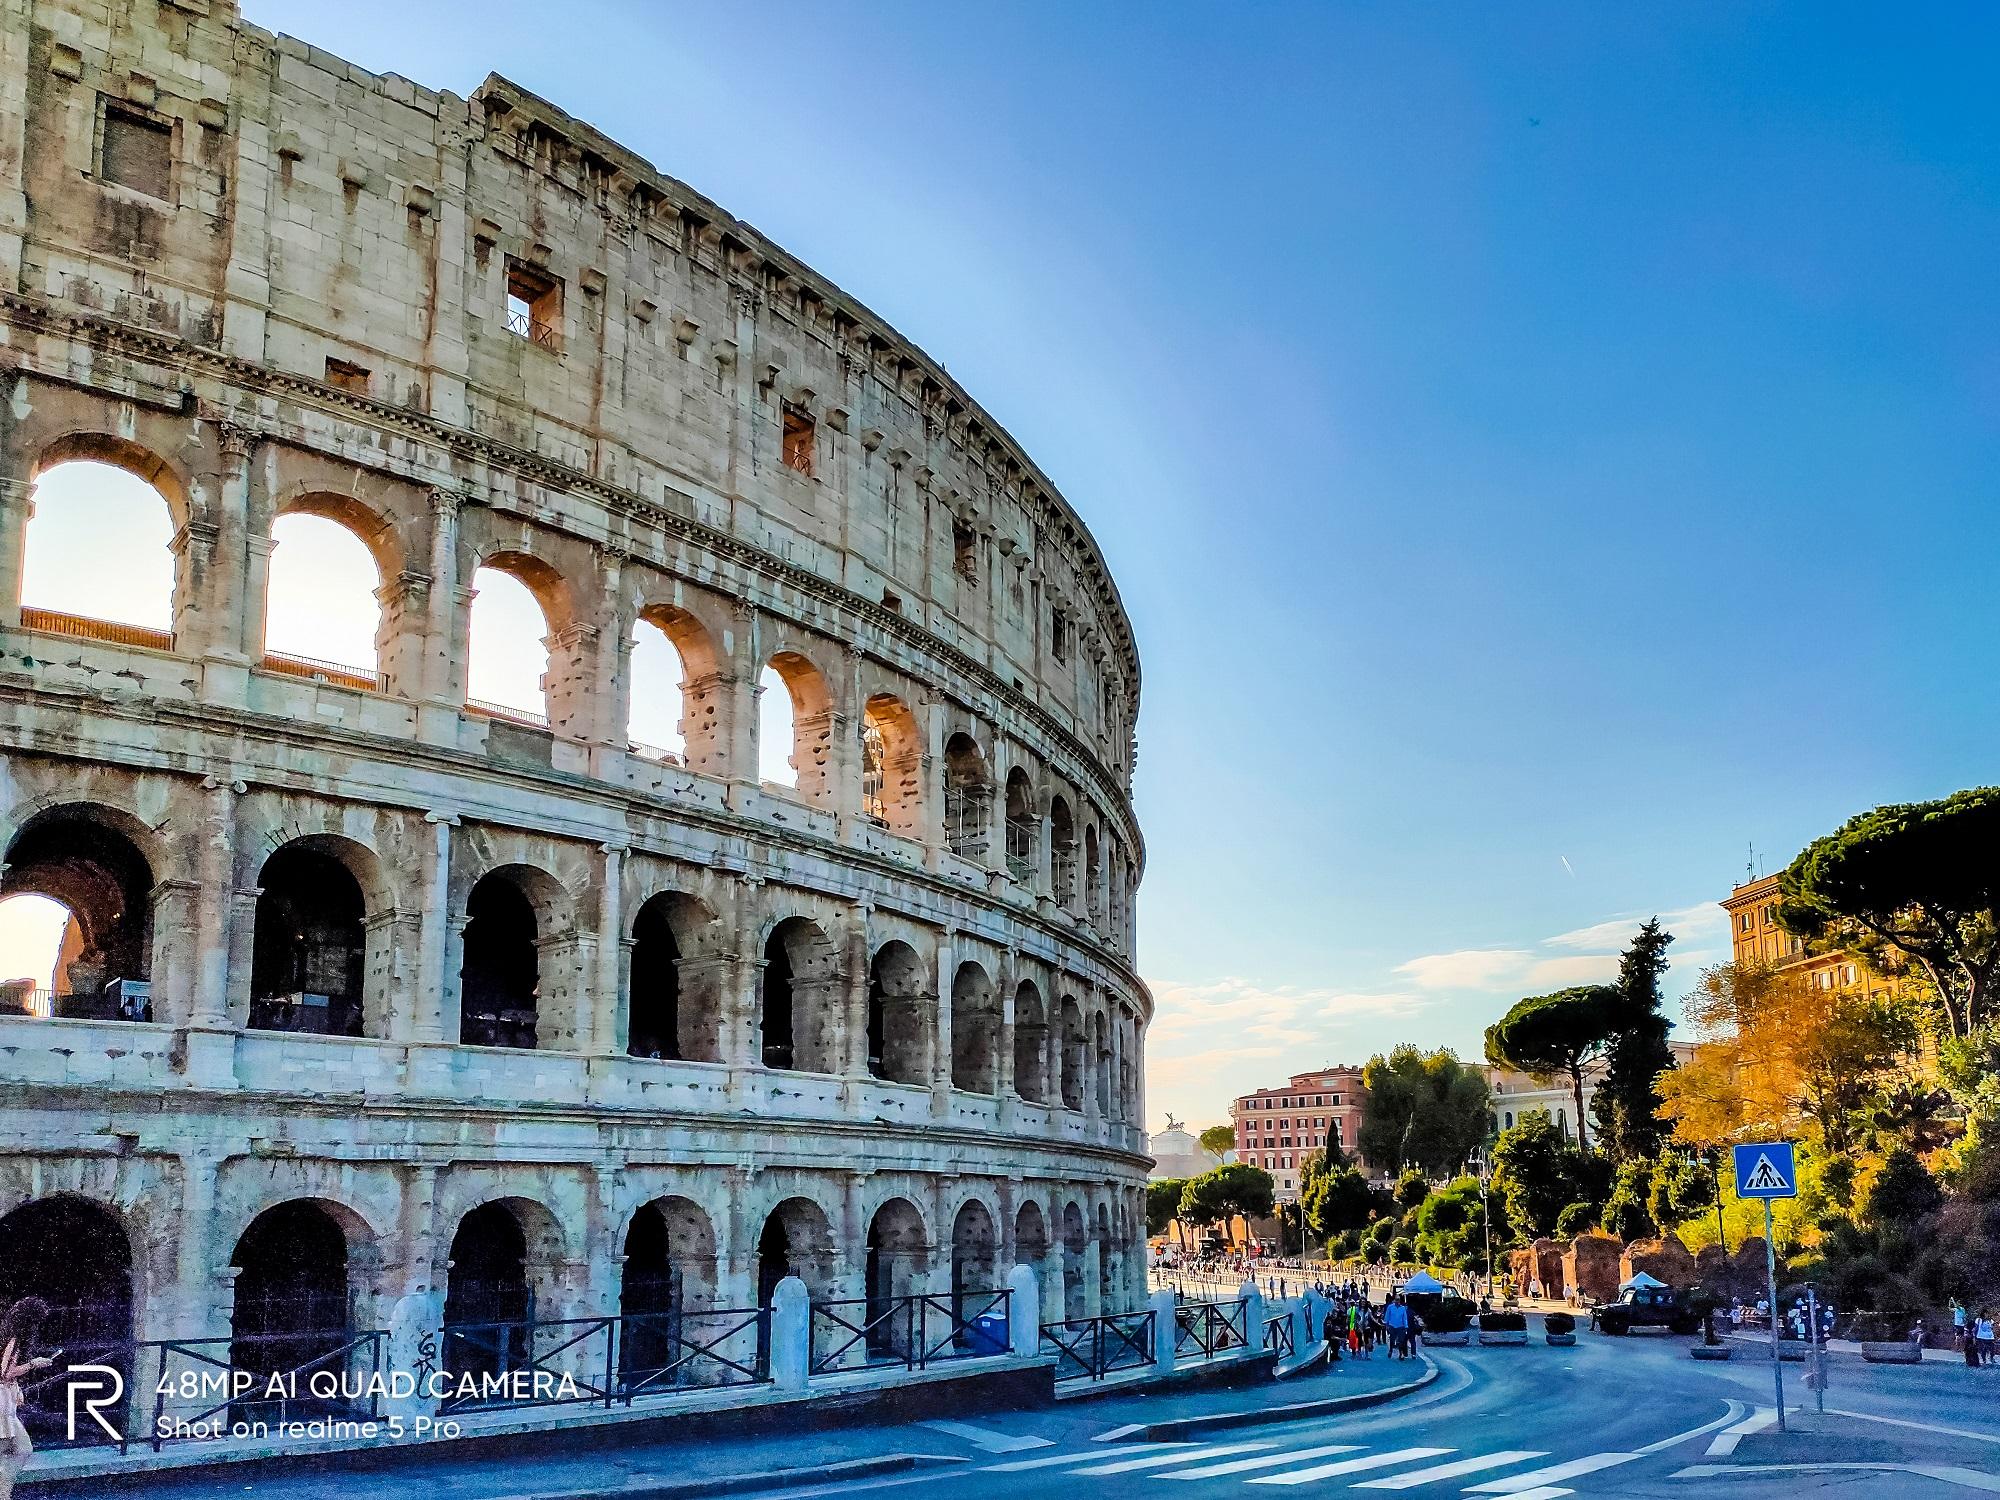 Một góc hoàng hôn ở đấu trường La Mã.